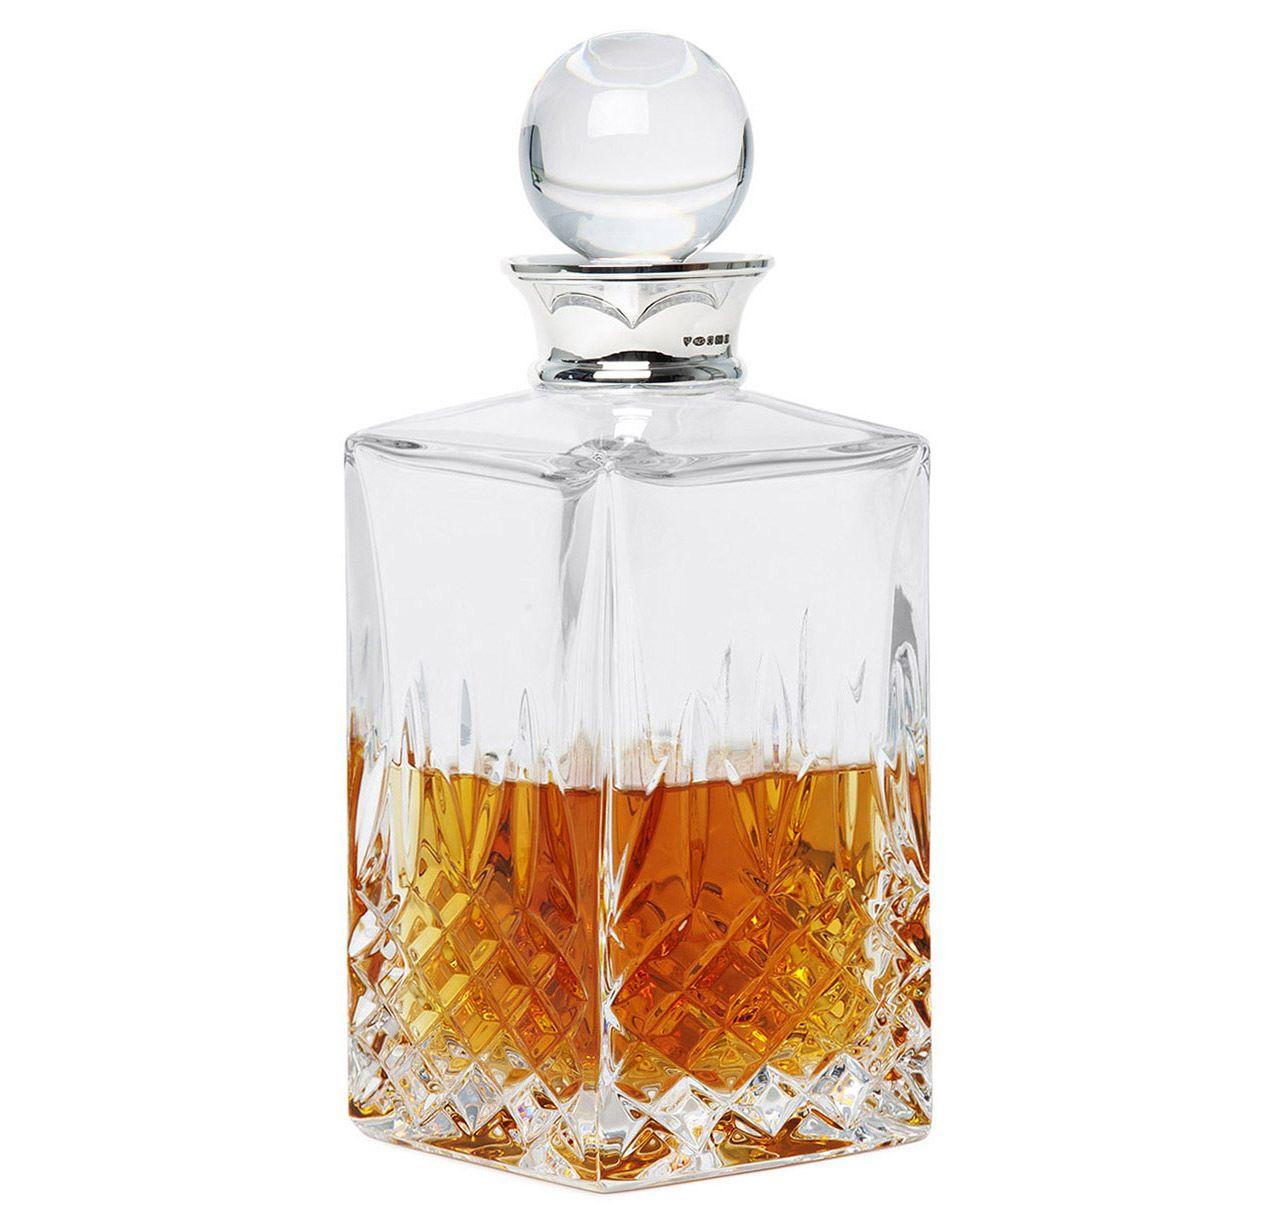 sterling silver crystal balmore spirits decanter. Black Bedroom Furniture Sets. Home Design Ideas